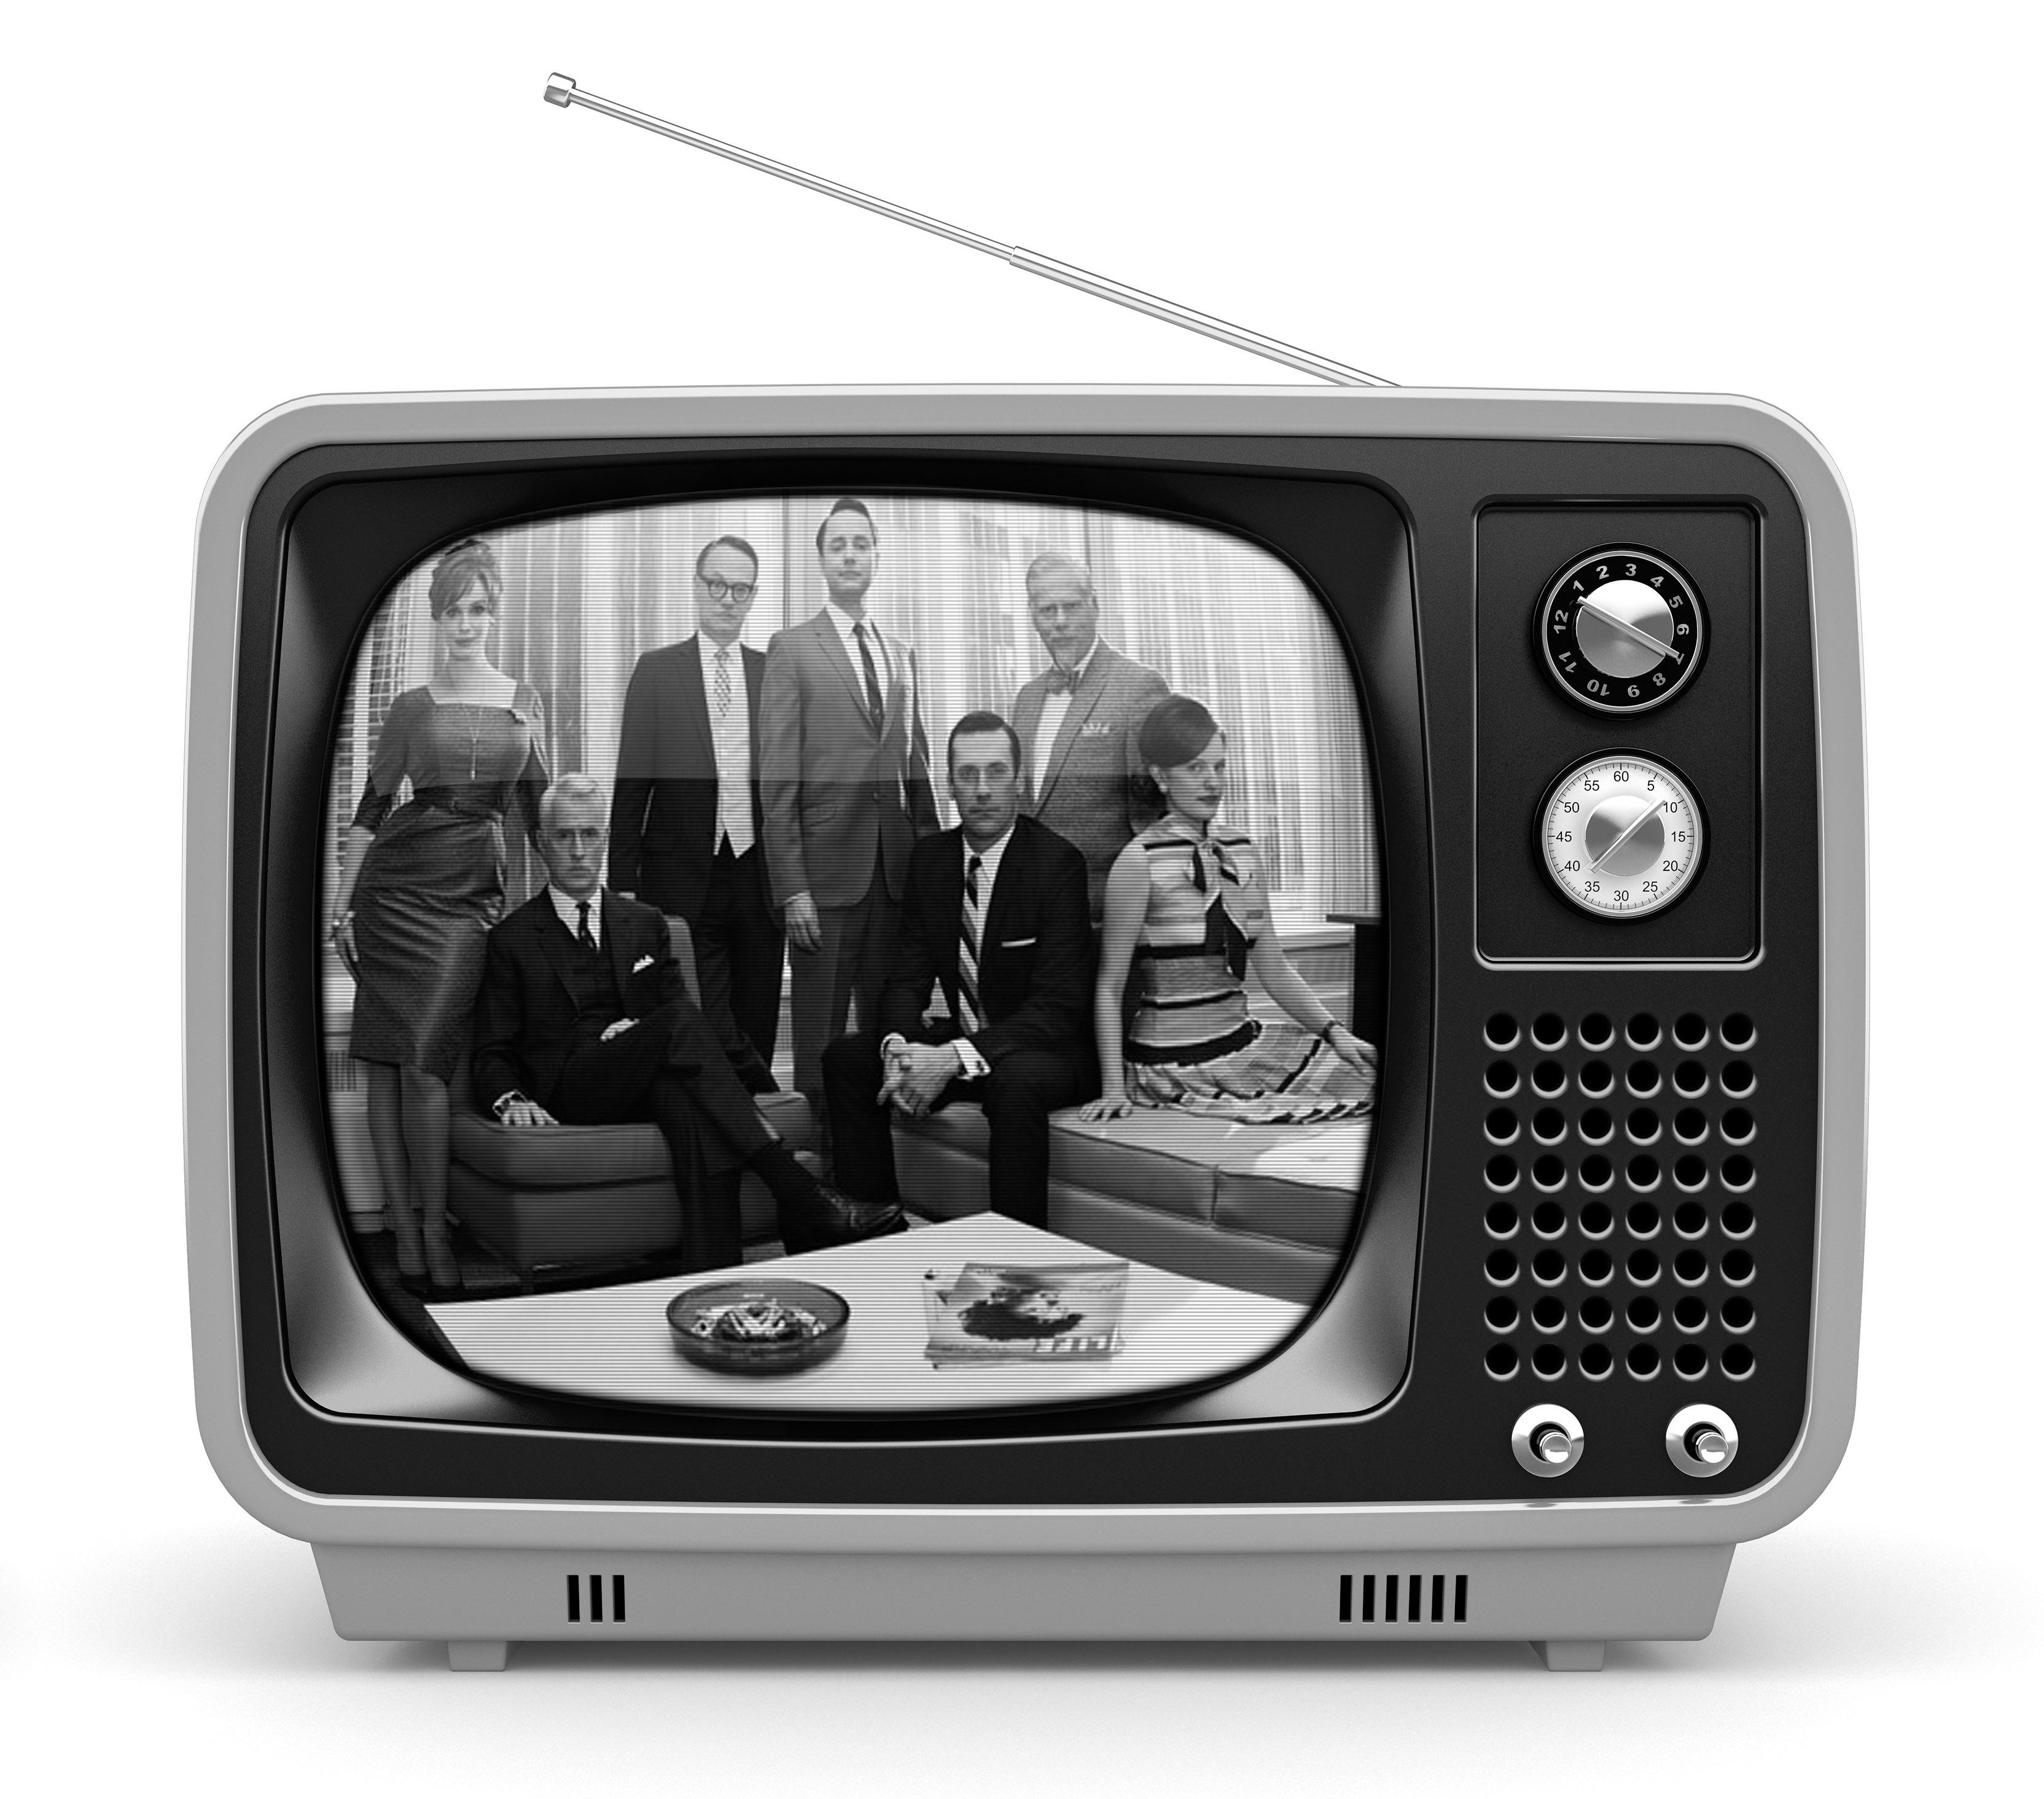 Multicolored retro TV on white background